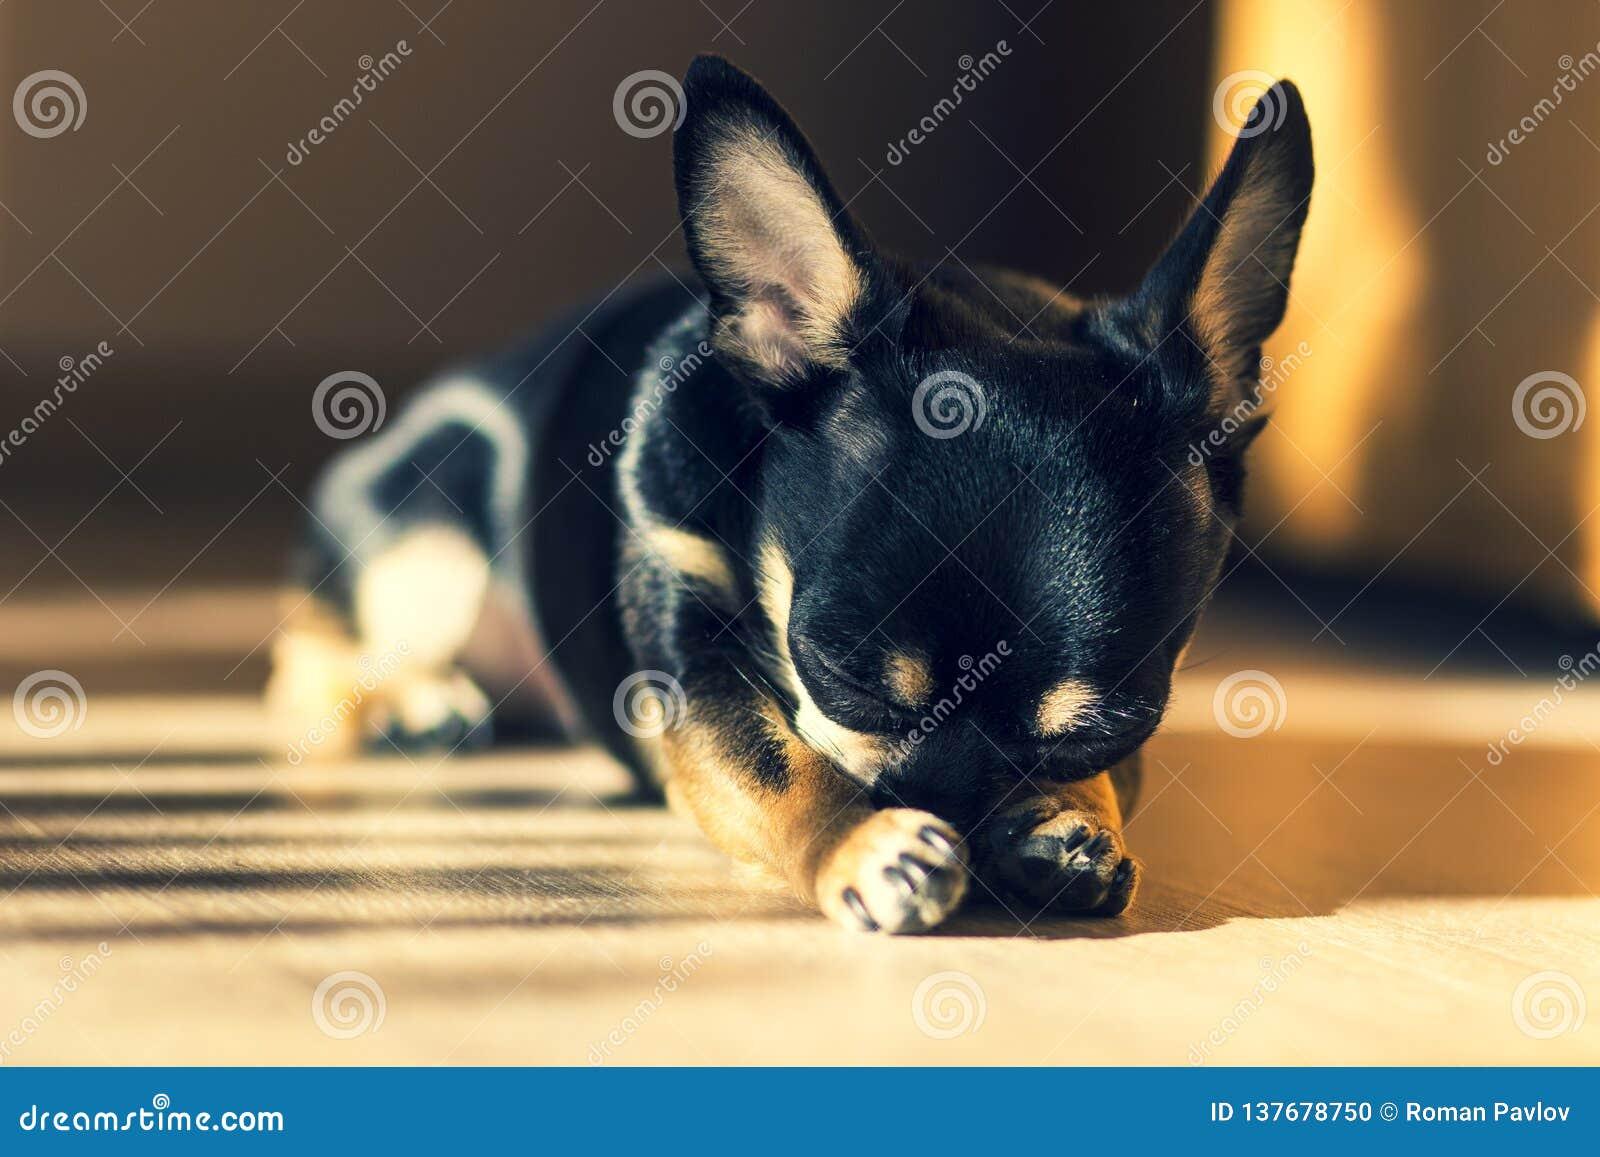 Прекрасный маленький черный щенок чихуахуа